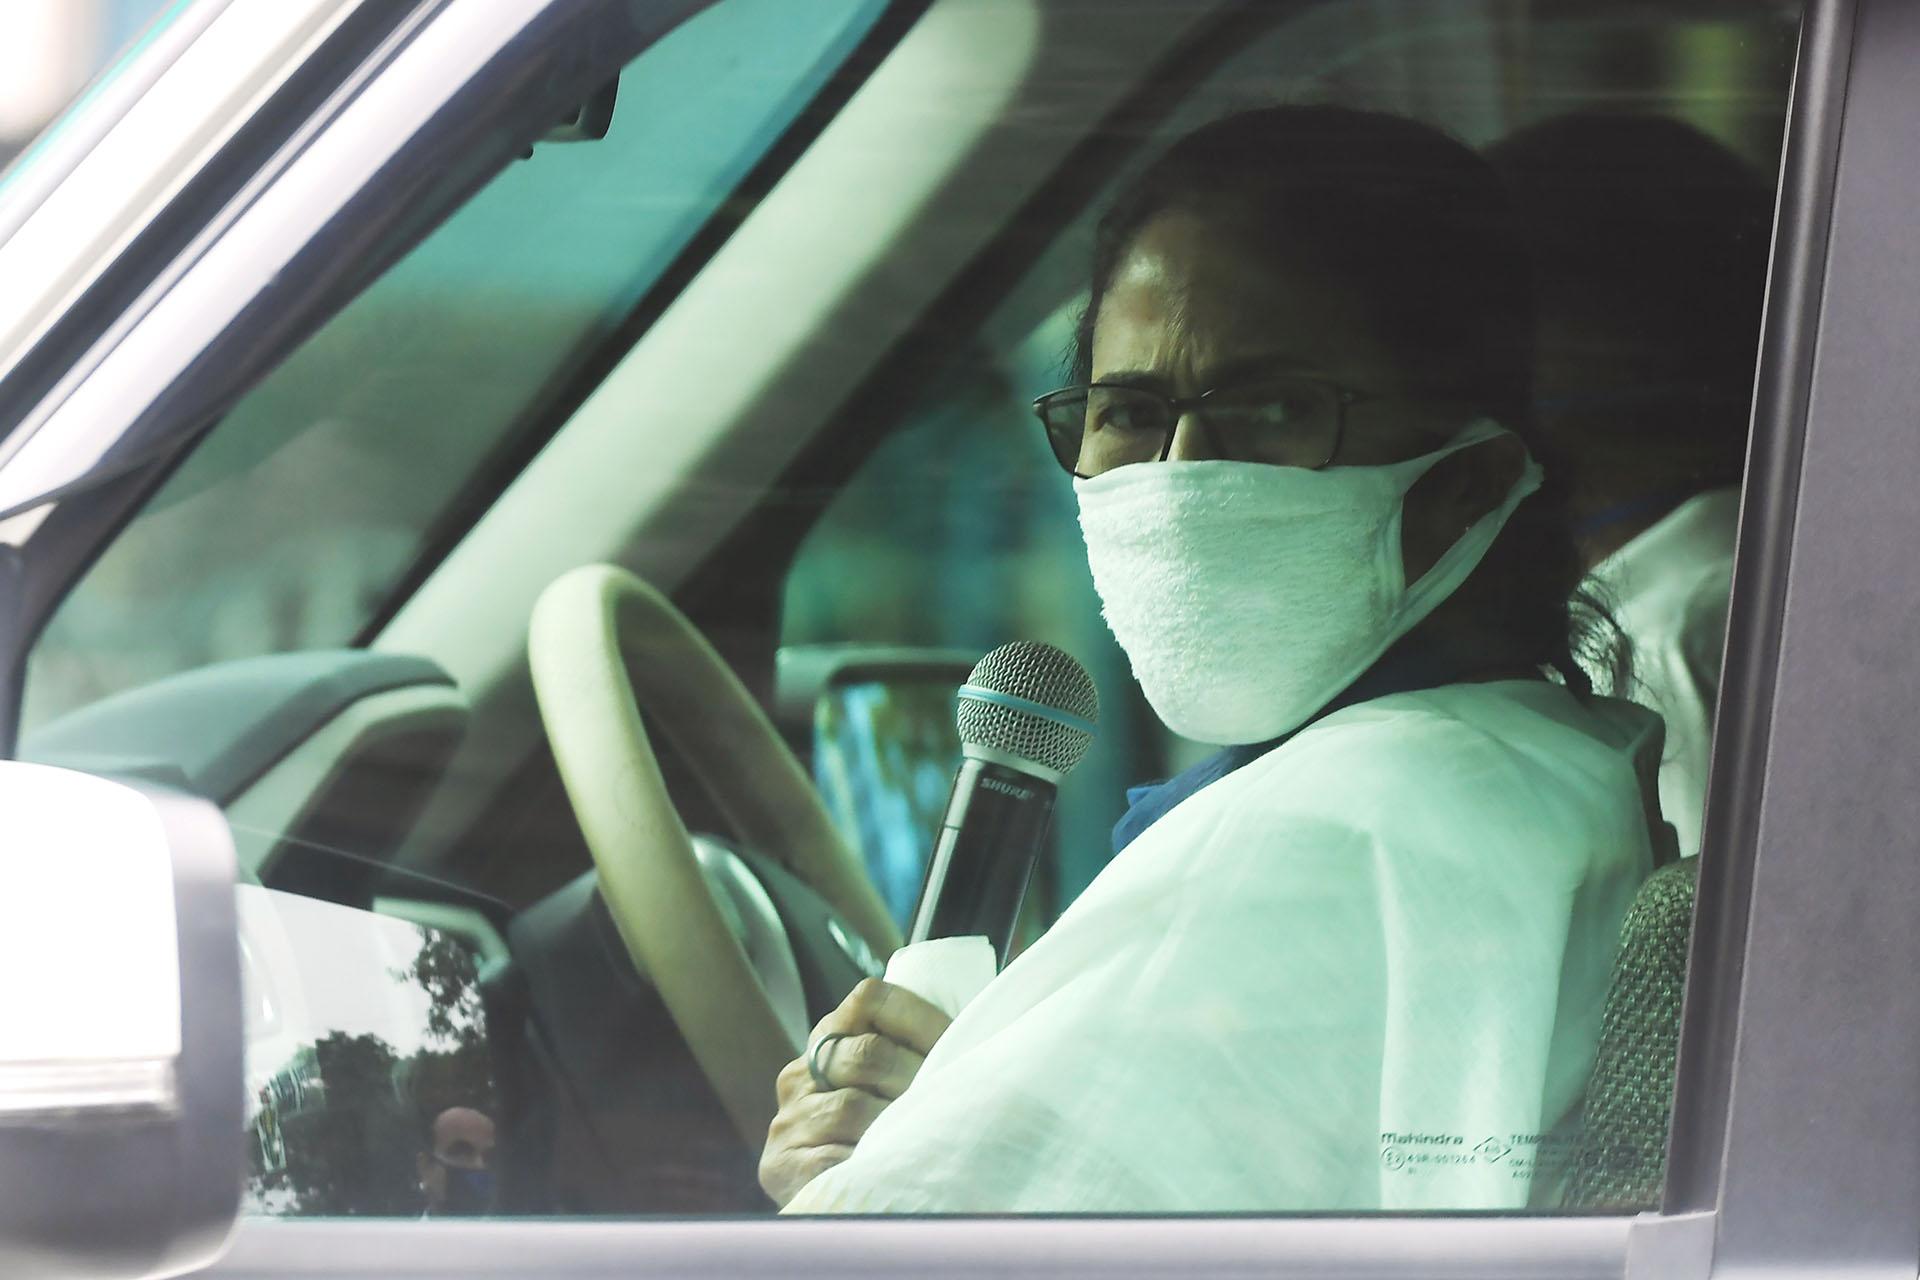 La Ministra Principal de Bengala Occidental, Mamata Banerjee, saluda con la mano mientras pronuncia un discurso desde su coche durante la cuarentena en Calcuta el 23 de abril de 2020. (Foto de Dibyangshu SARKAR / AFP)